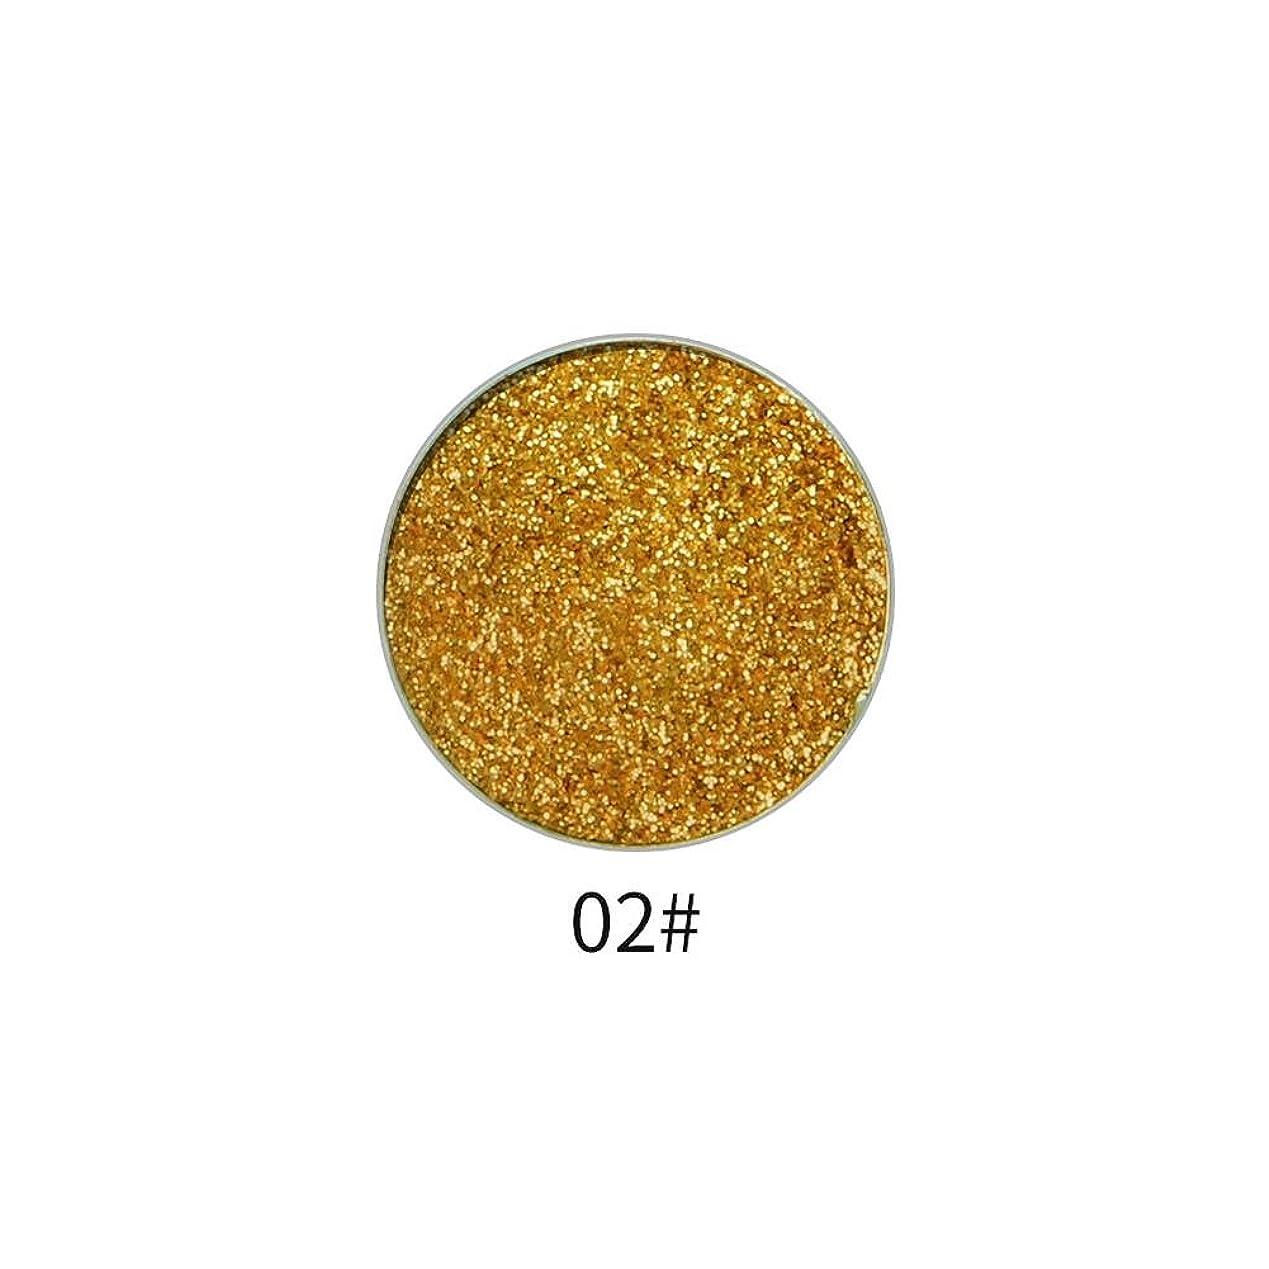 認めるスピリチュアルフィルタ9色アイシャドウパレット顔料シャイニングパウダーマットグリッターアイシャドウパウダー(2)